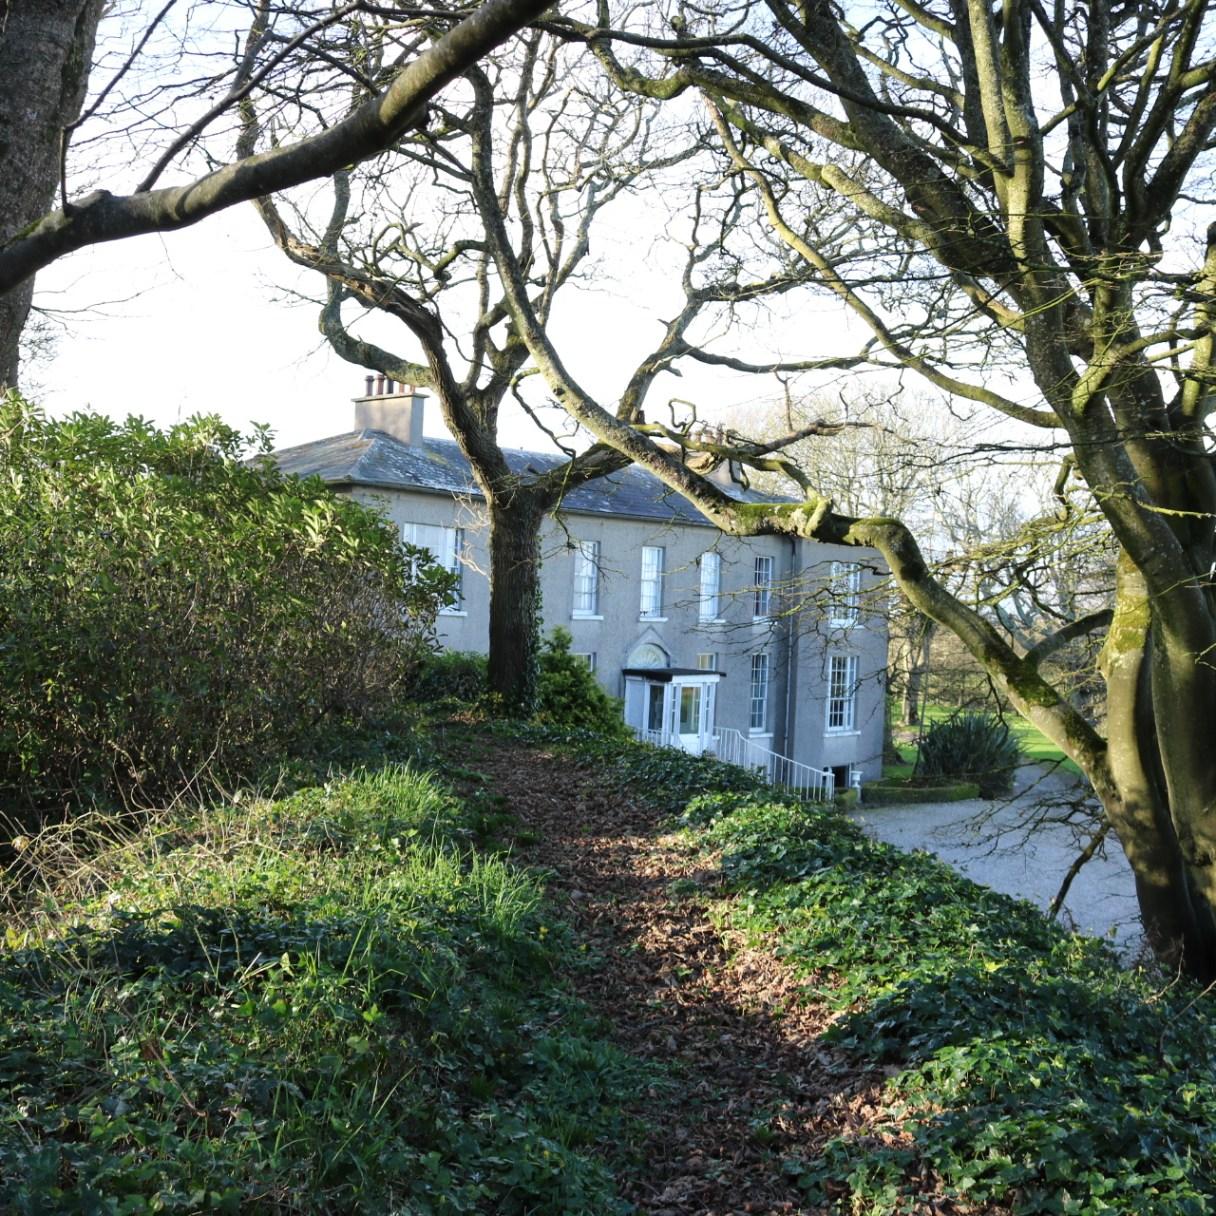 Ballytrent House 2017-03-02 16.15.31 (17)